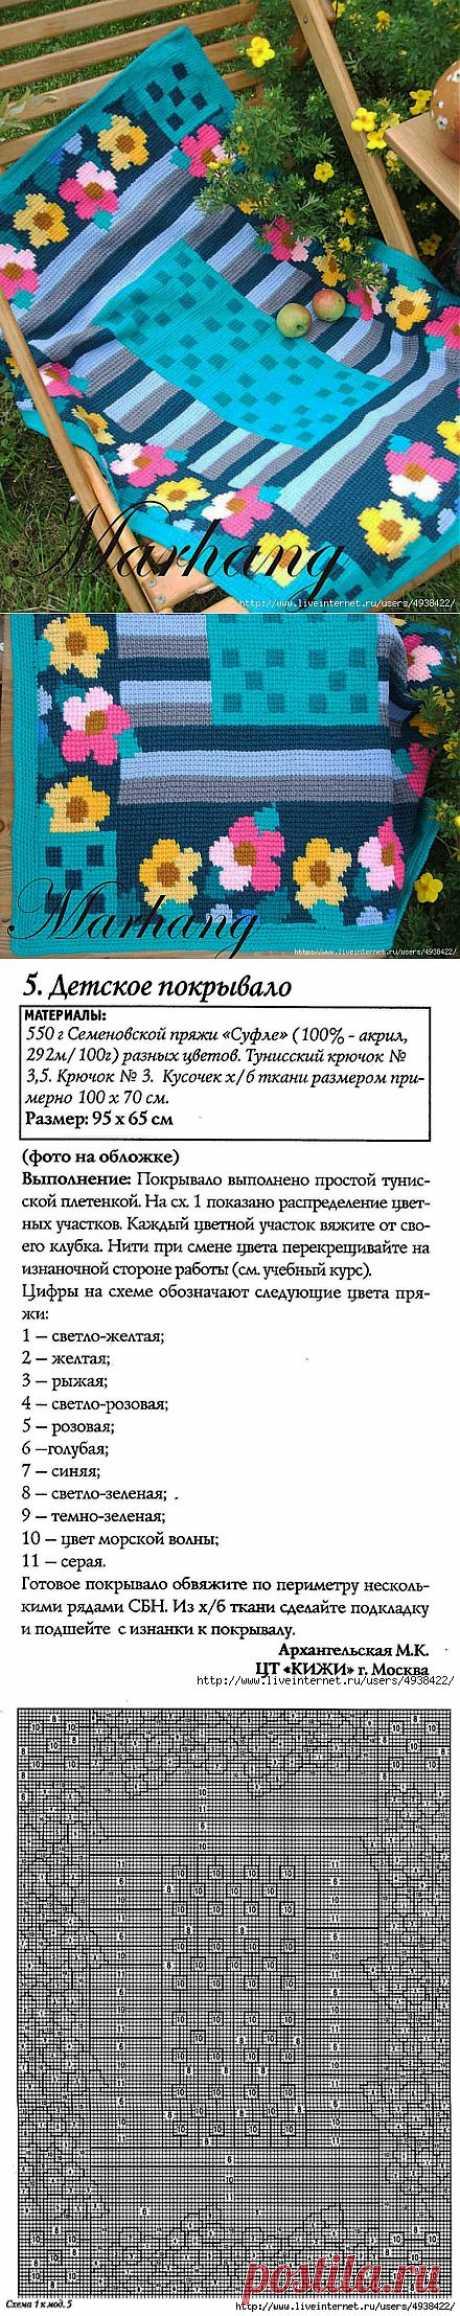 mezgimas | Записи в рубрике mezgimas | Дневник alocka13